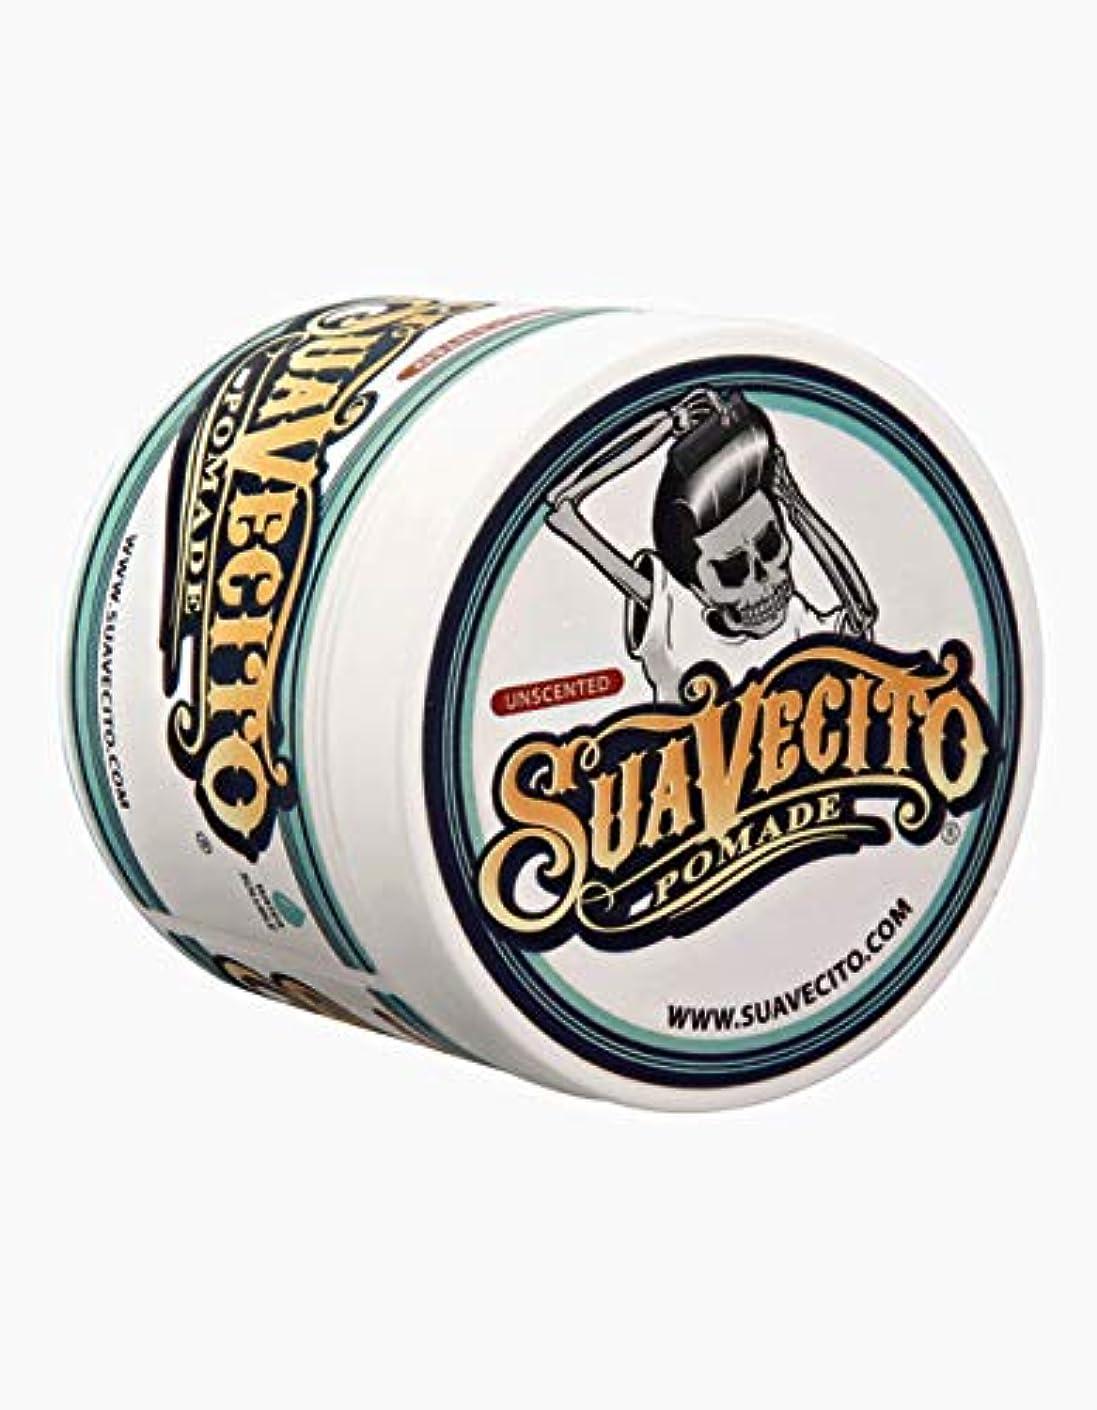 自分明確に祝福Suavecito 無香料Pomade-ミディアムは男性用スタイリングポマード(4オンス)をホールド 4オンス 元の